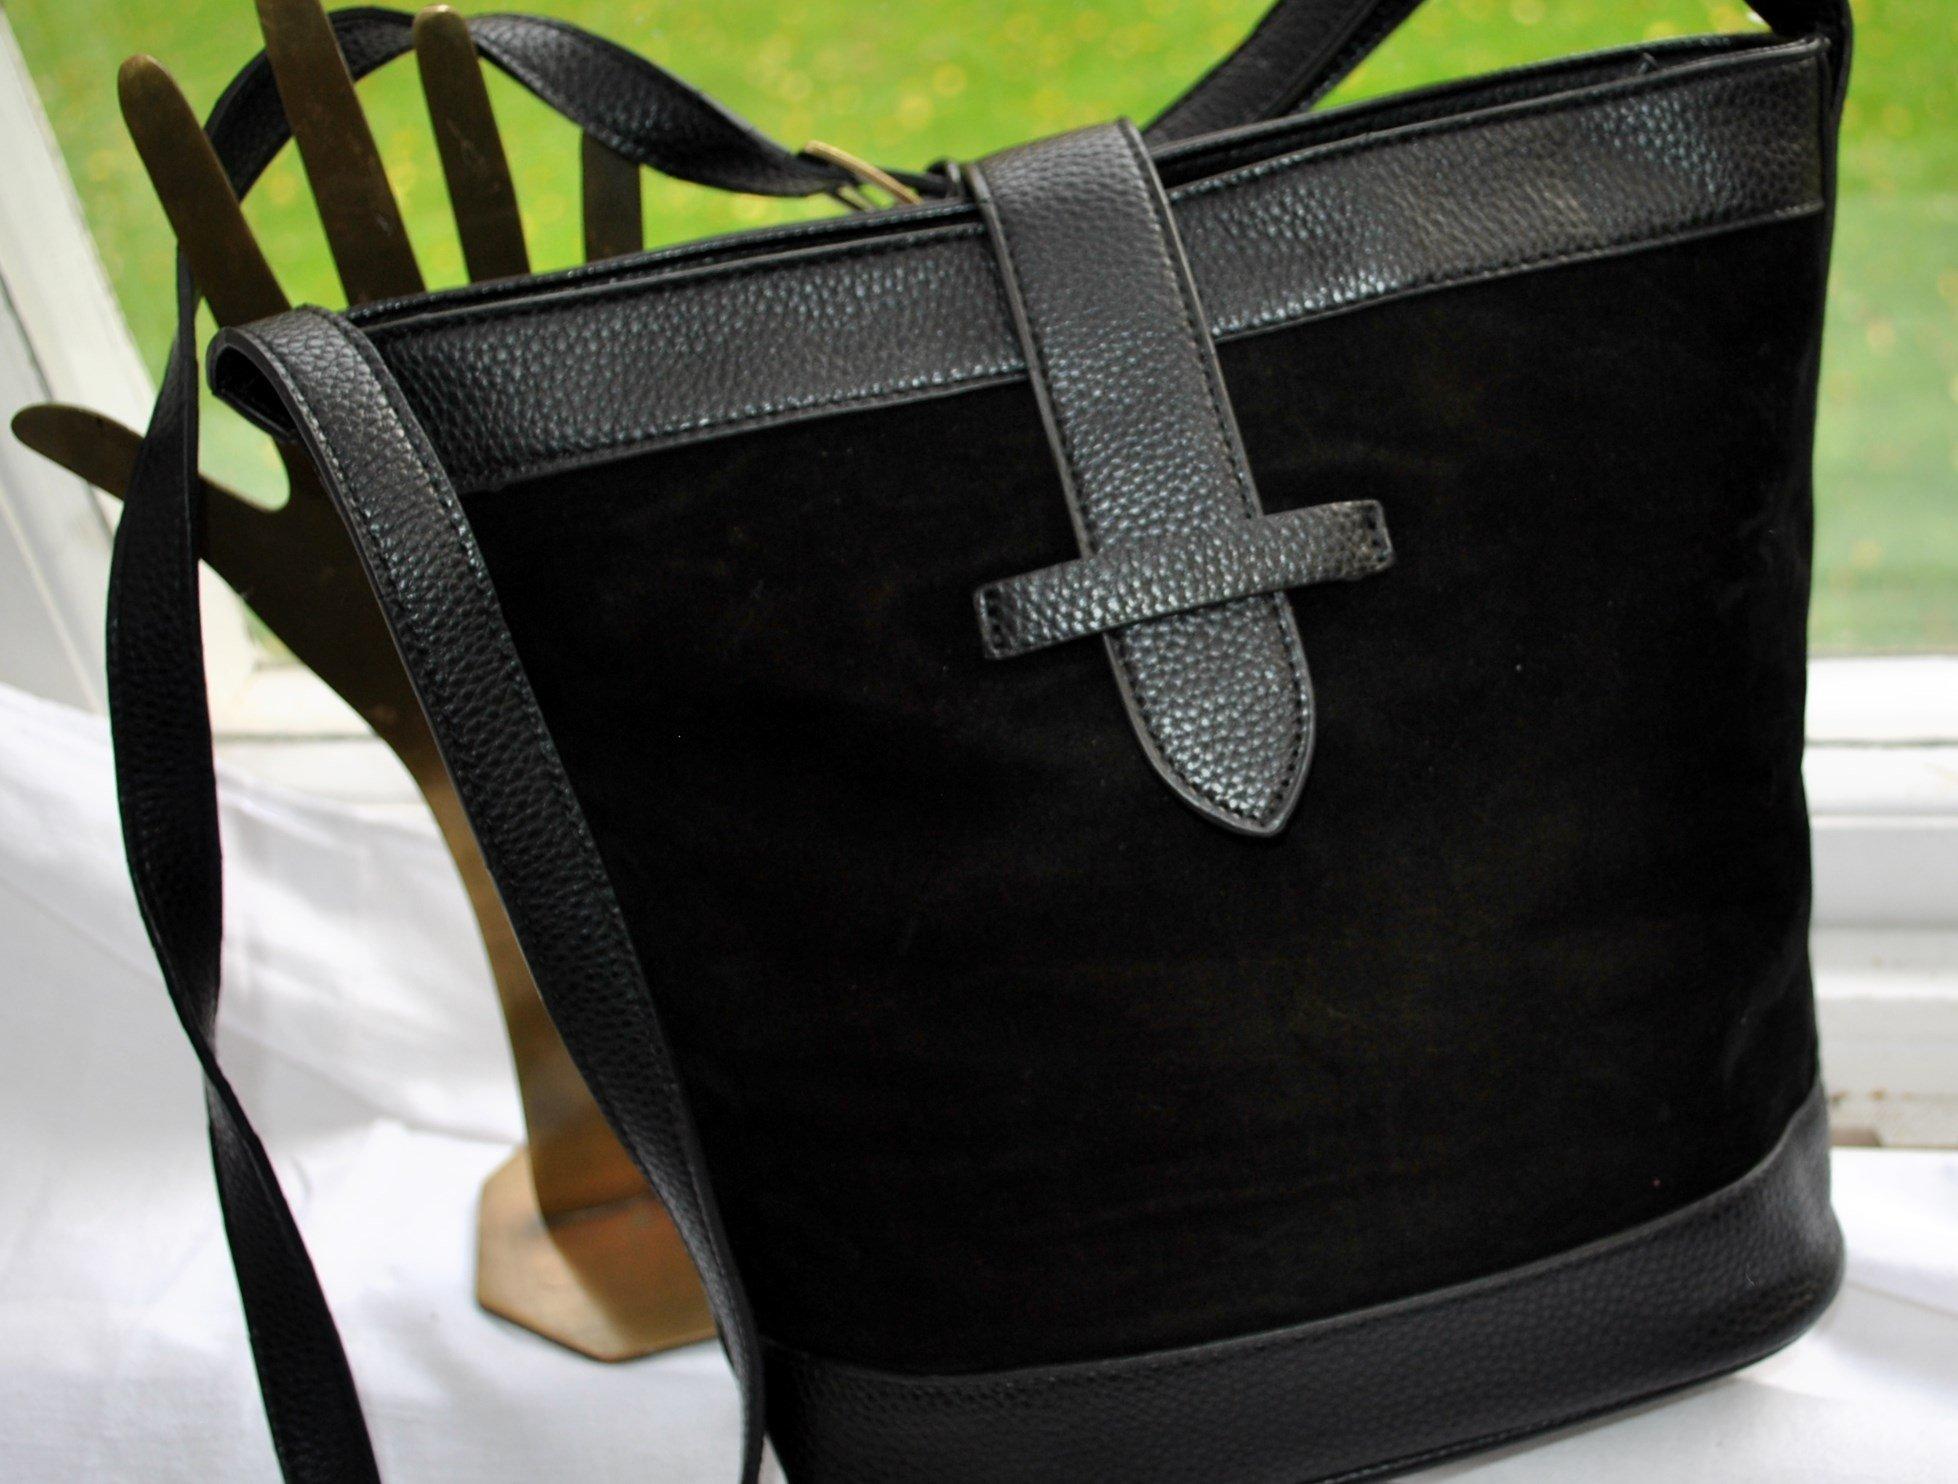 Retro fin tidlös liten Å kvalité AXELREMSVÄSKA väska i mocka.imitation